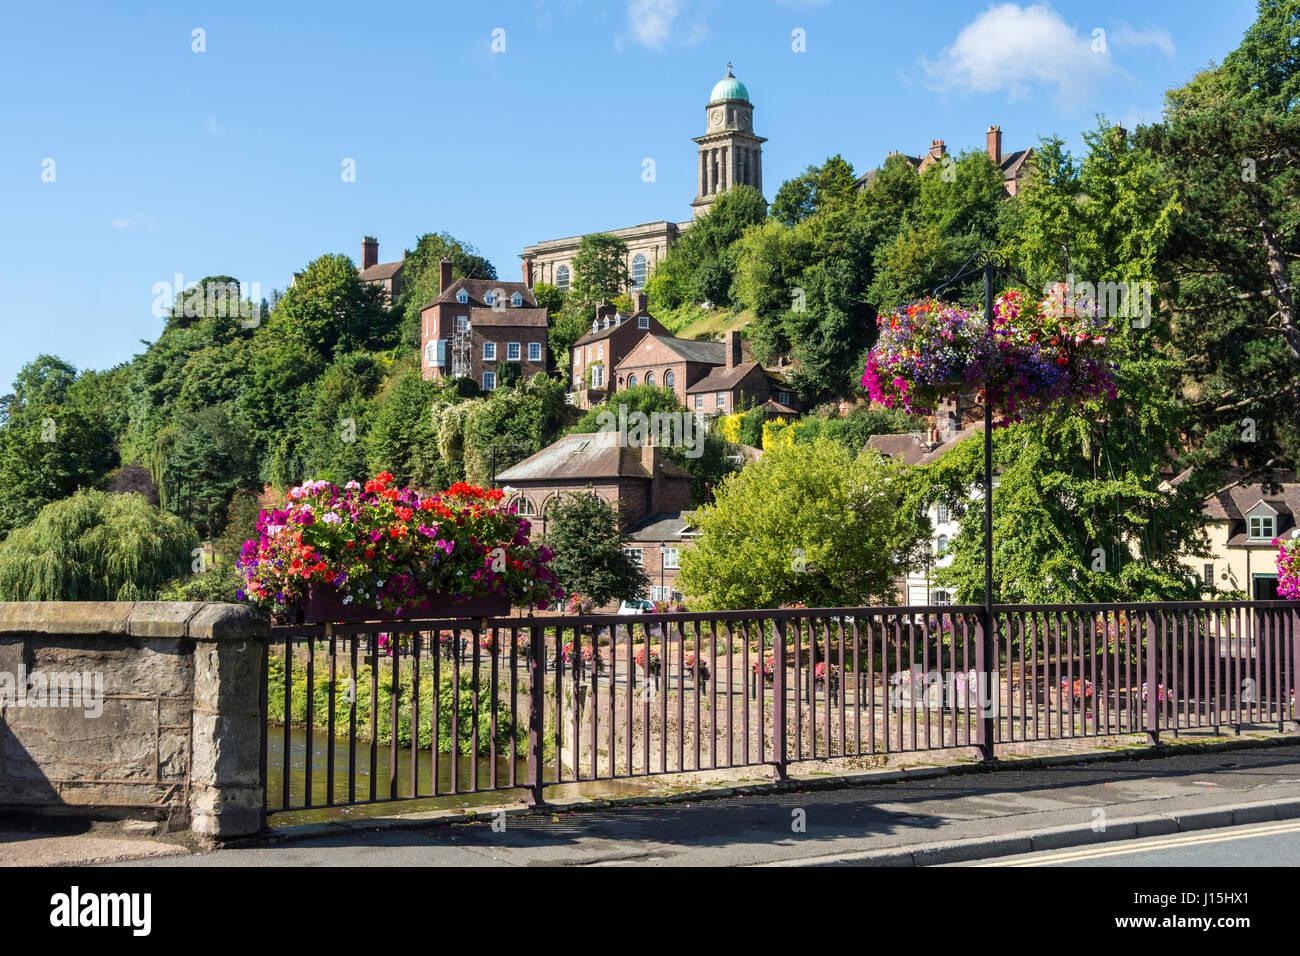 Bridgnorth from the bridge, Shropshire, England, UK. - Stock Image